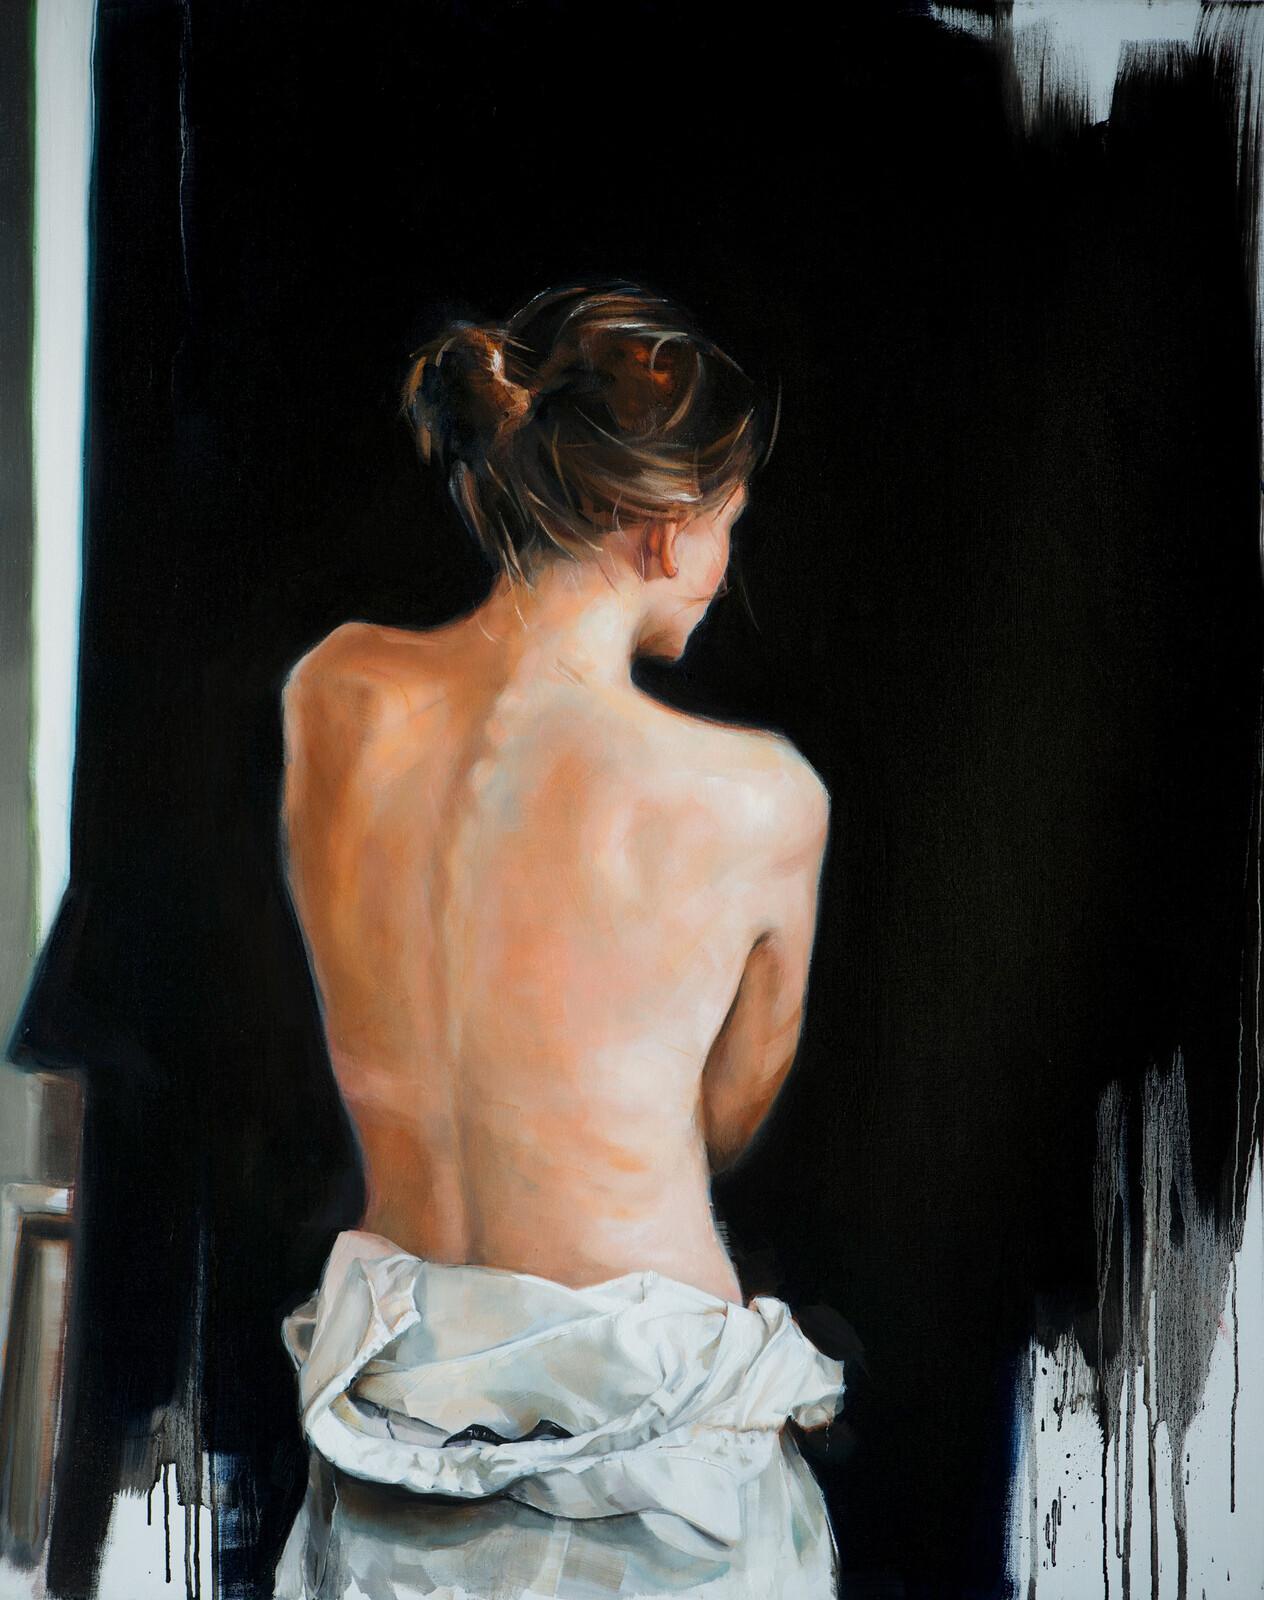 Le dos d'une femme - Edward B. Gordon